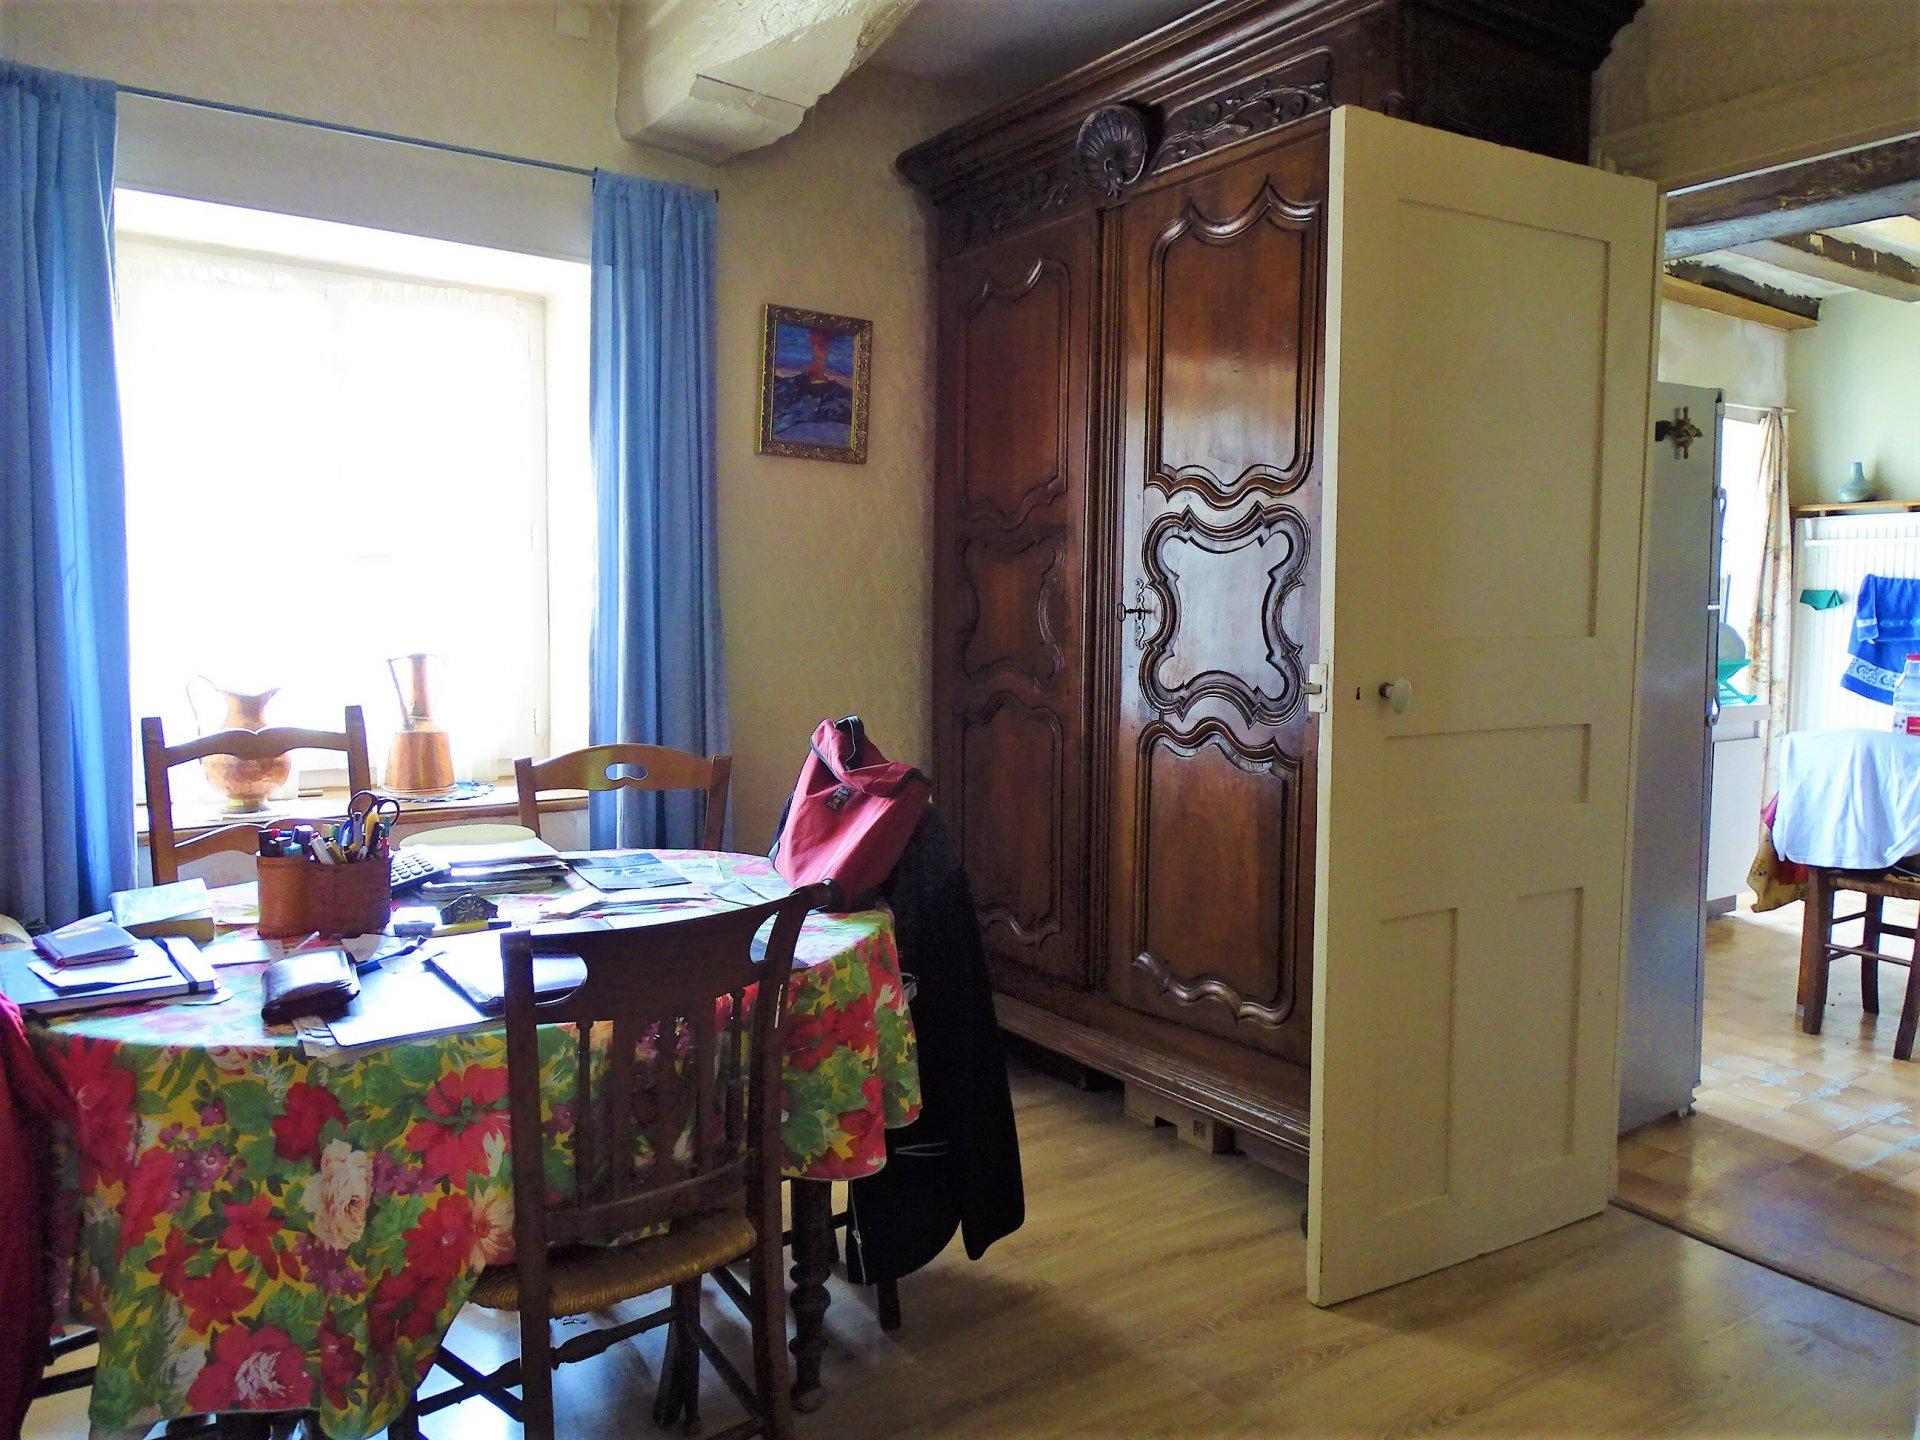 15 mn de Mâcon centre - Sur le secteur de Blany (proche Hurigny), maison à rénover sur un jardin clôt d'environ 230 m².  Elevée sur caves (aménageables), elle dispose d'une partie habitable de 55 m² composée d'une cuisine aménagée, d'un salon, d'une salle à manger, d'une chambre et d'une salle d'eau.  Beau potentiel grâce à ses nombreuses dépendances et ses combles aménageables ! Honoraires à charge vendeur.